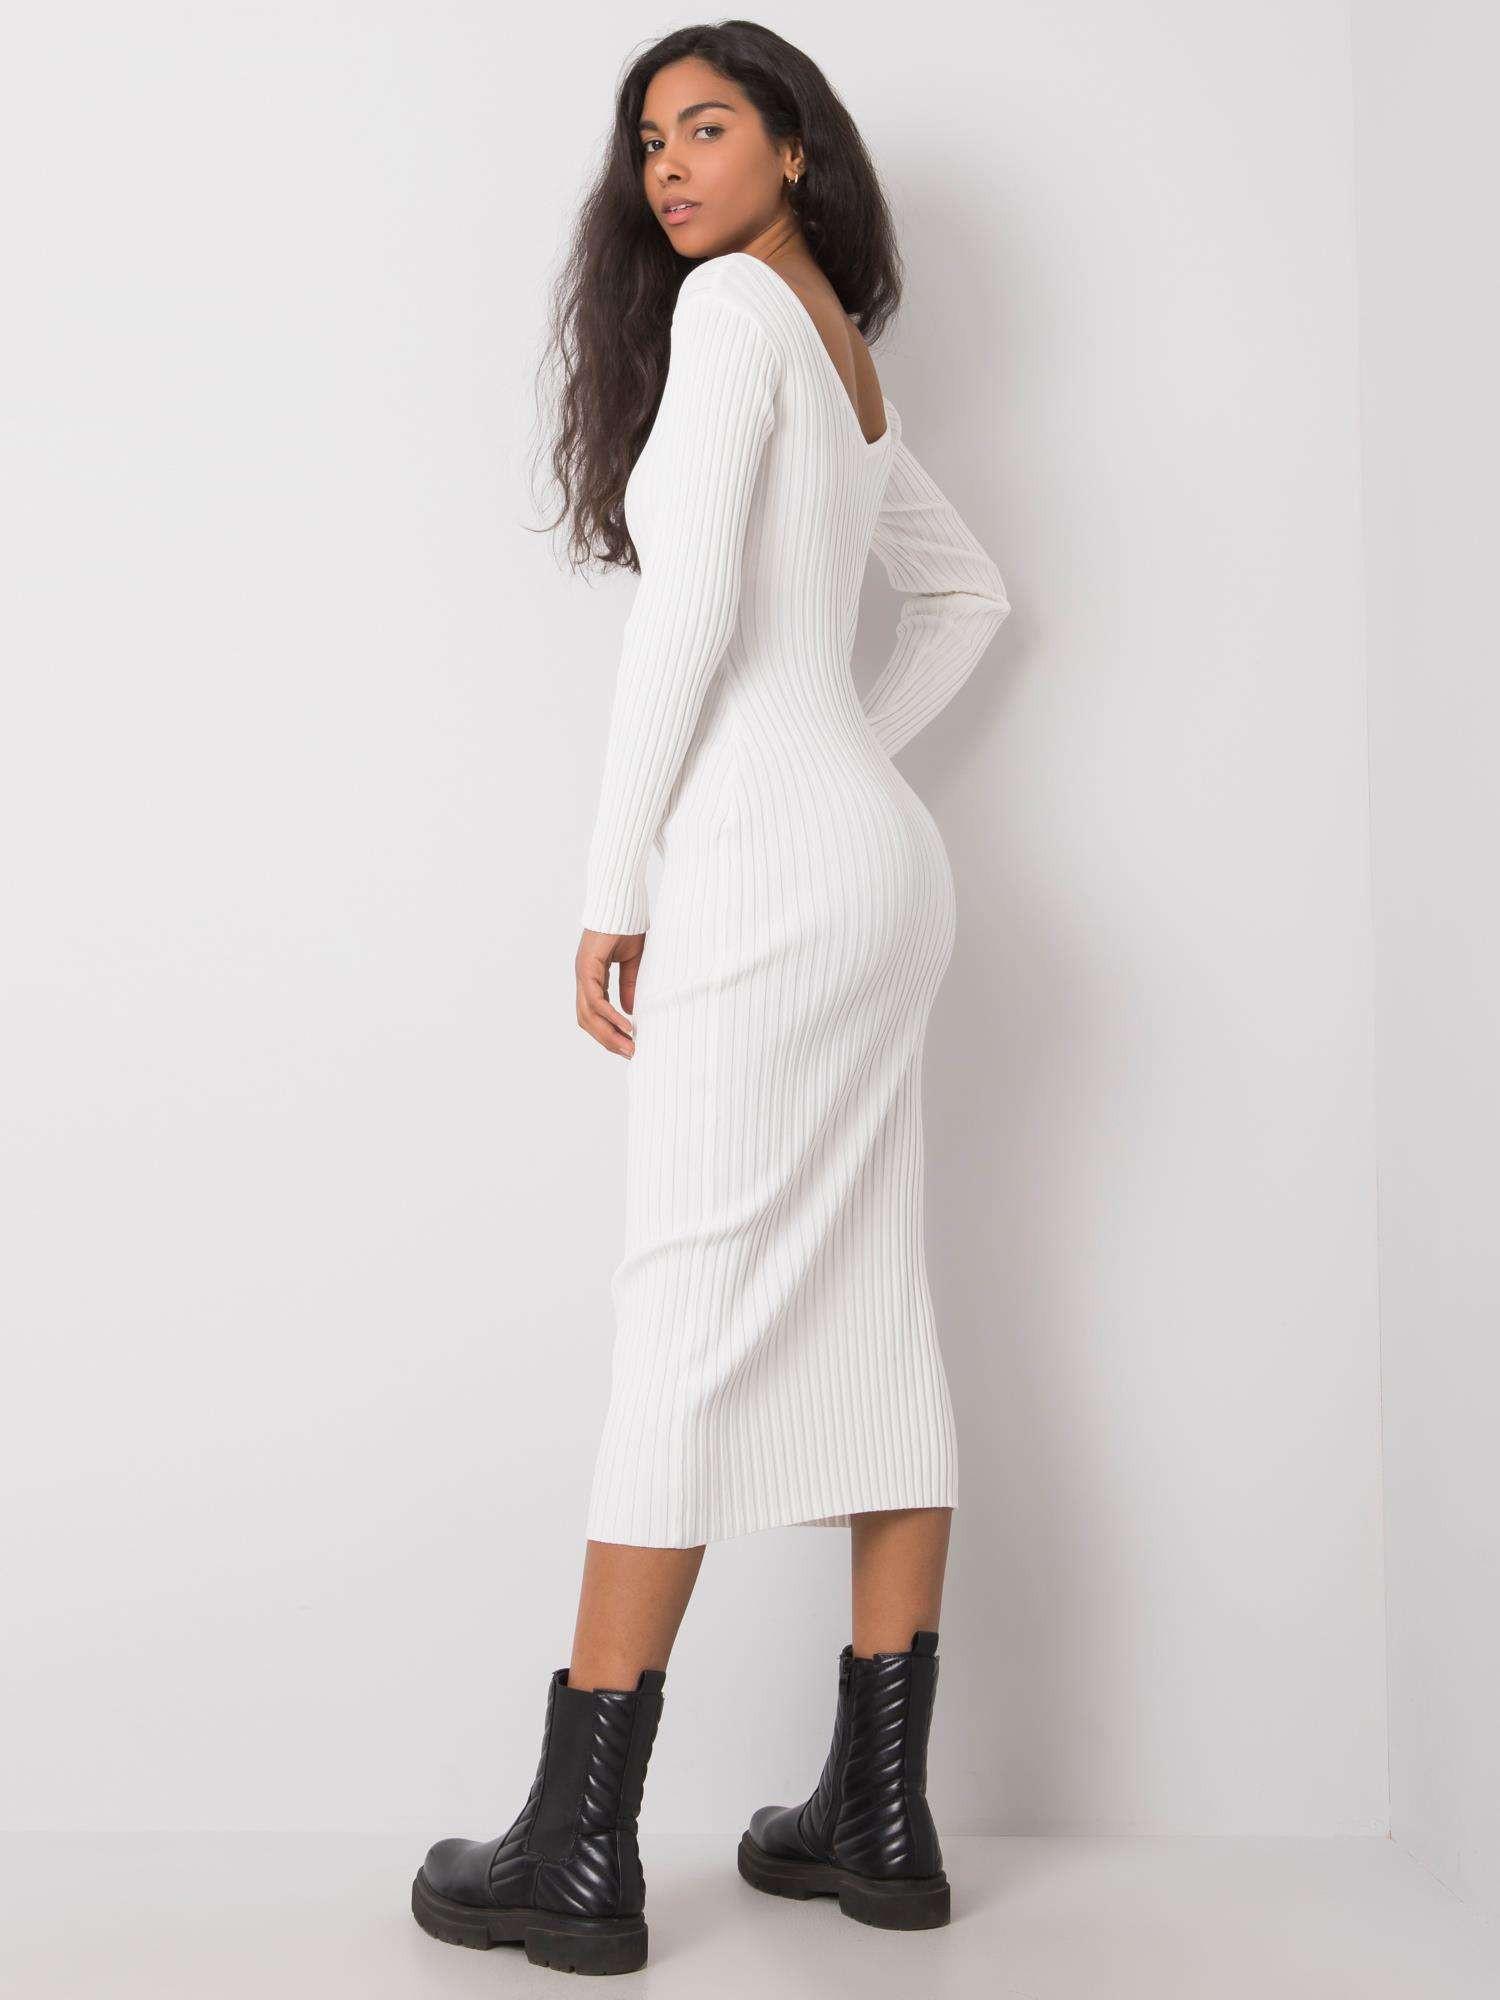 Biele vypasované šaty s pruhom one size